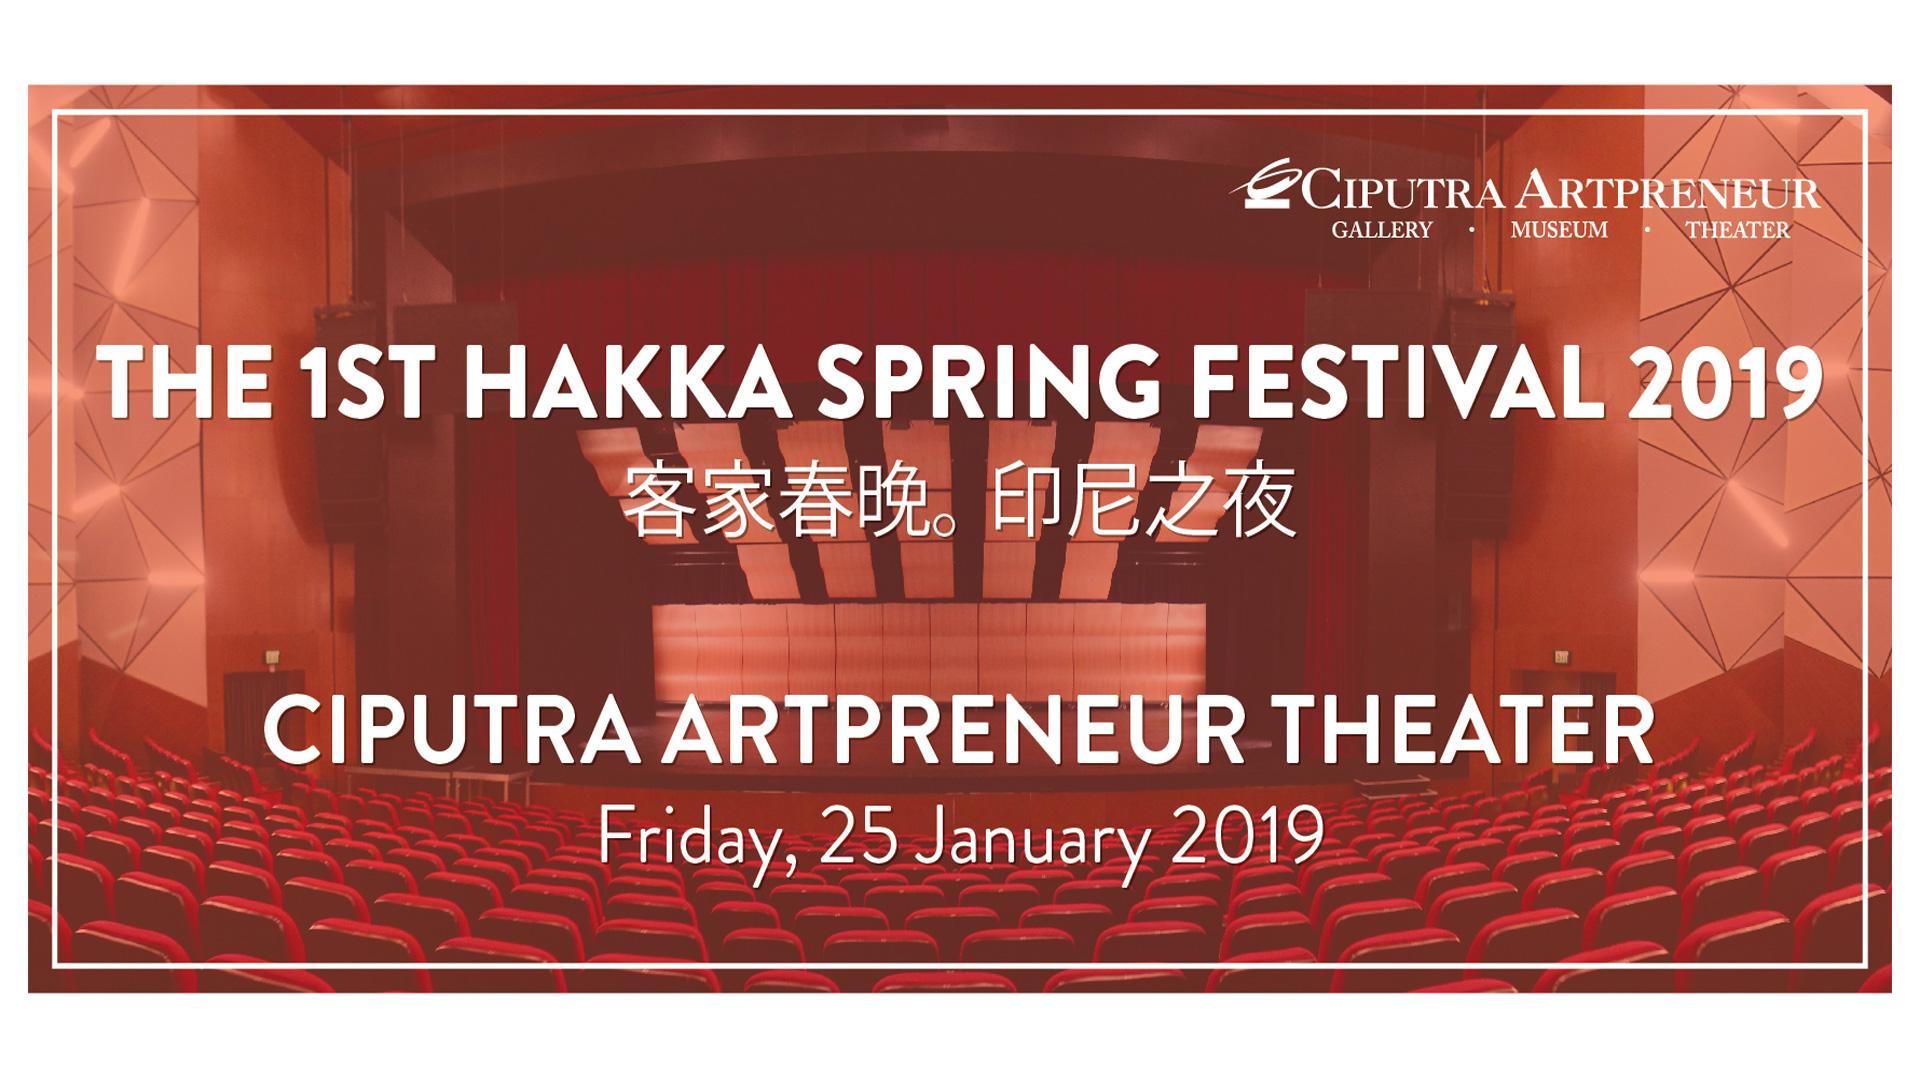 The 1st Hakka Spring Festival 2019